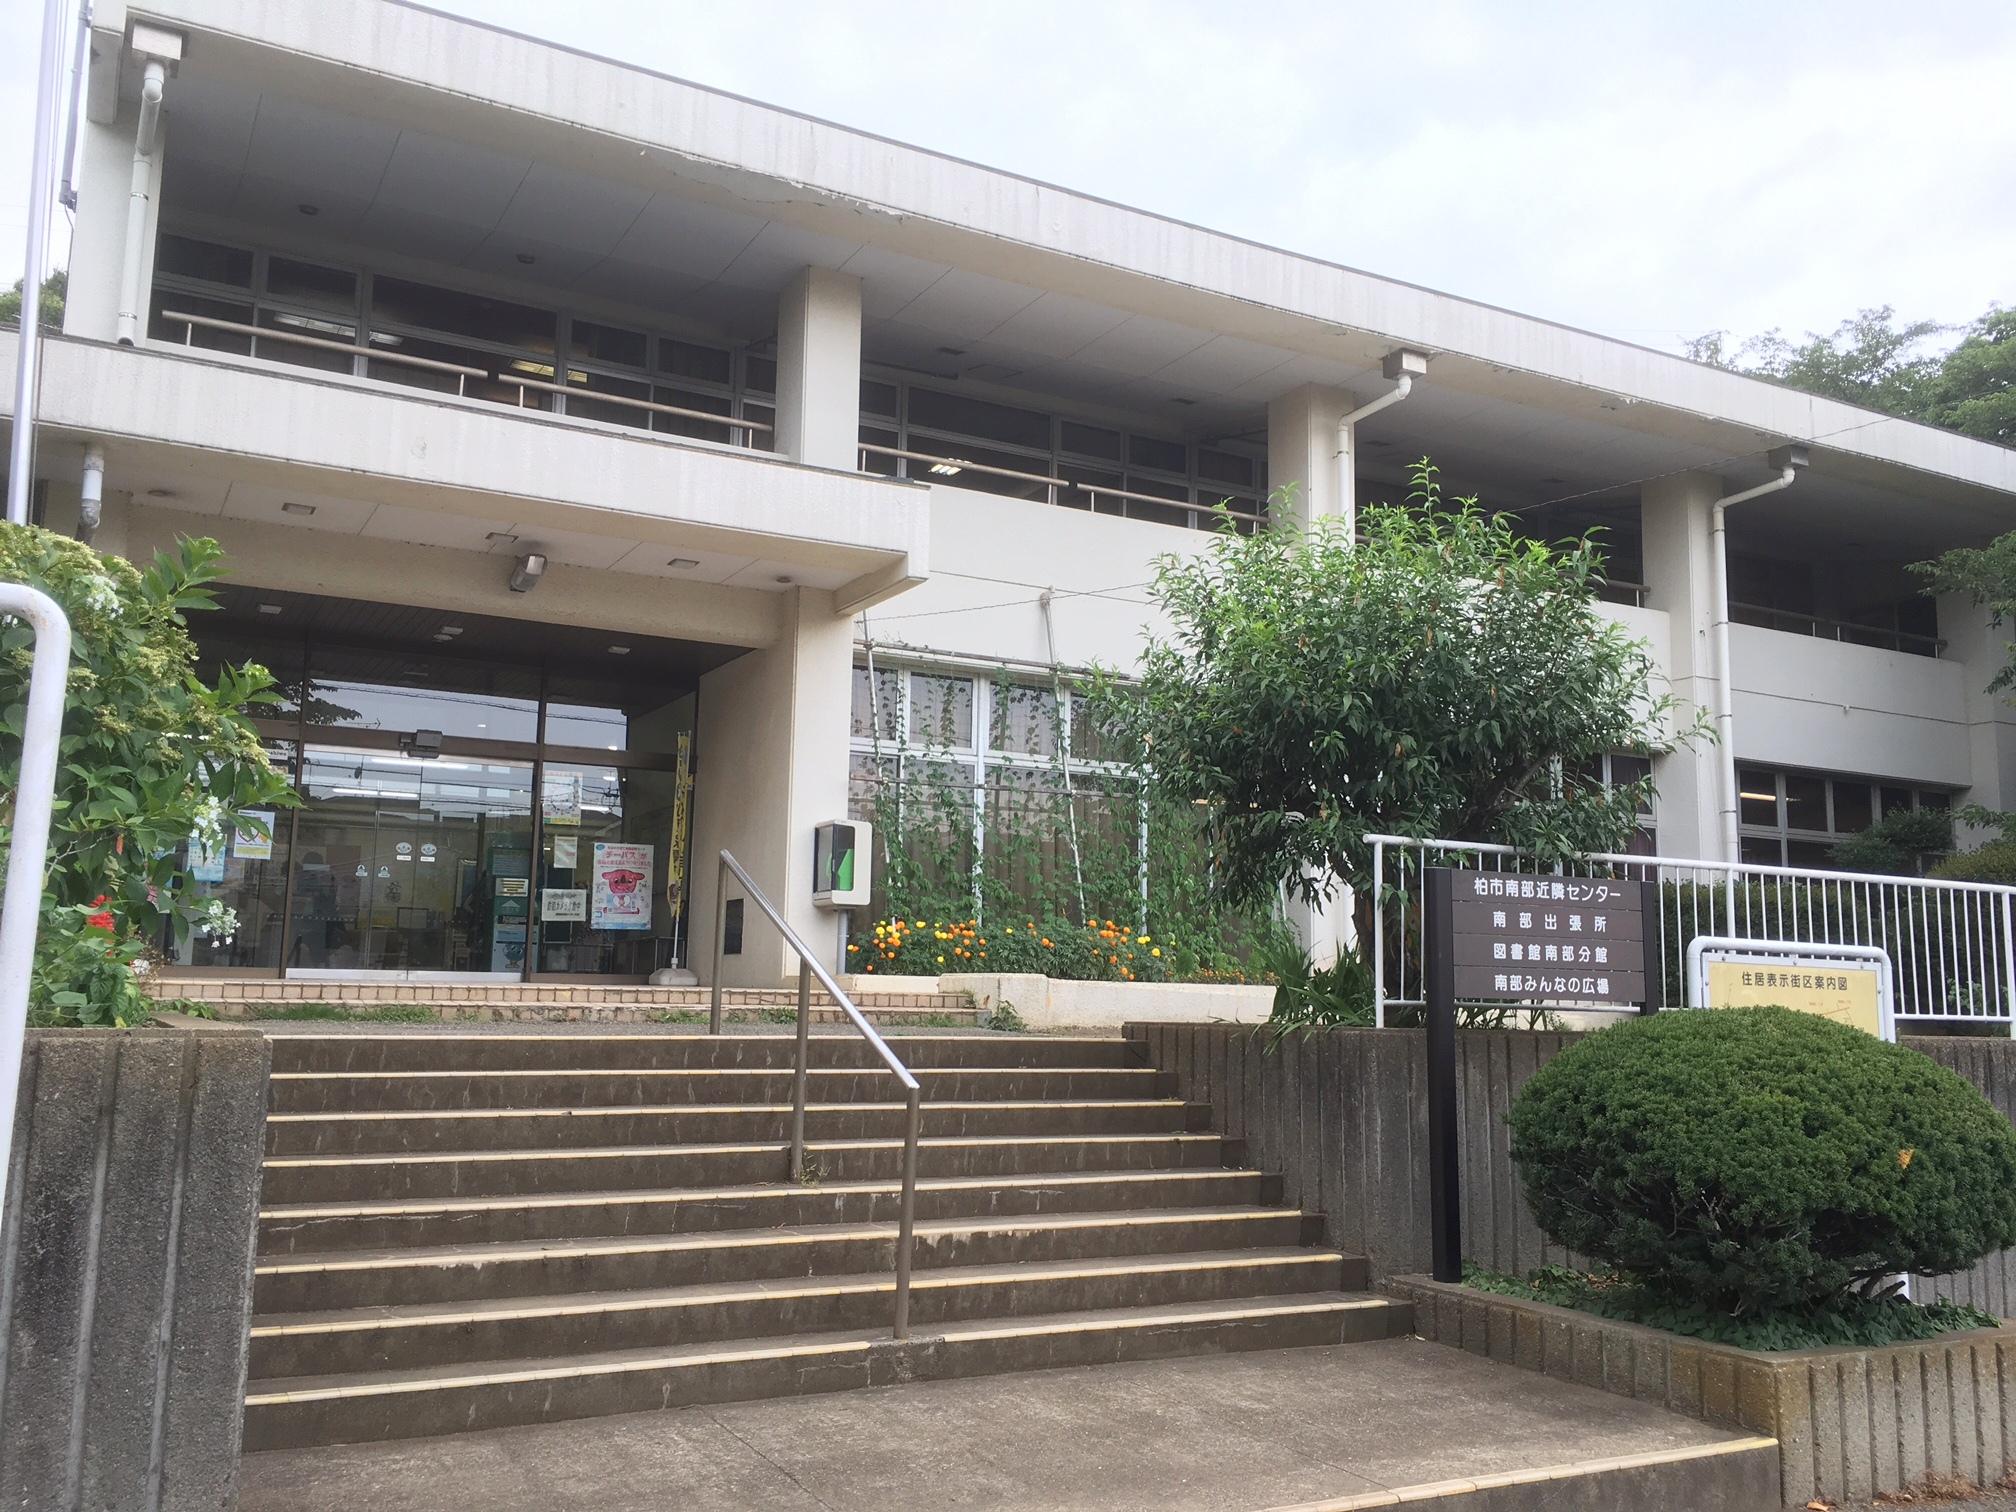 図書館:柏市立図書館南部分館 734m